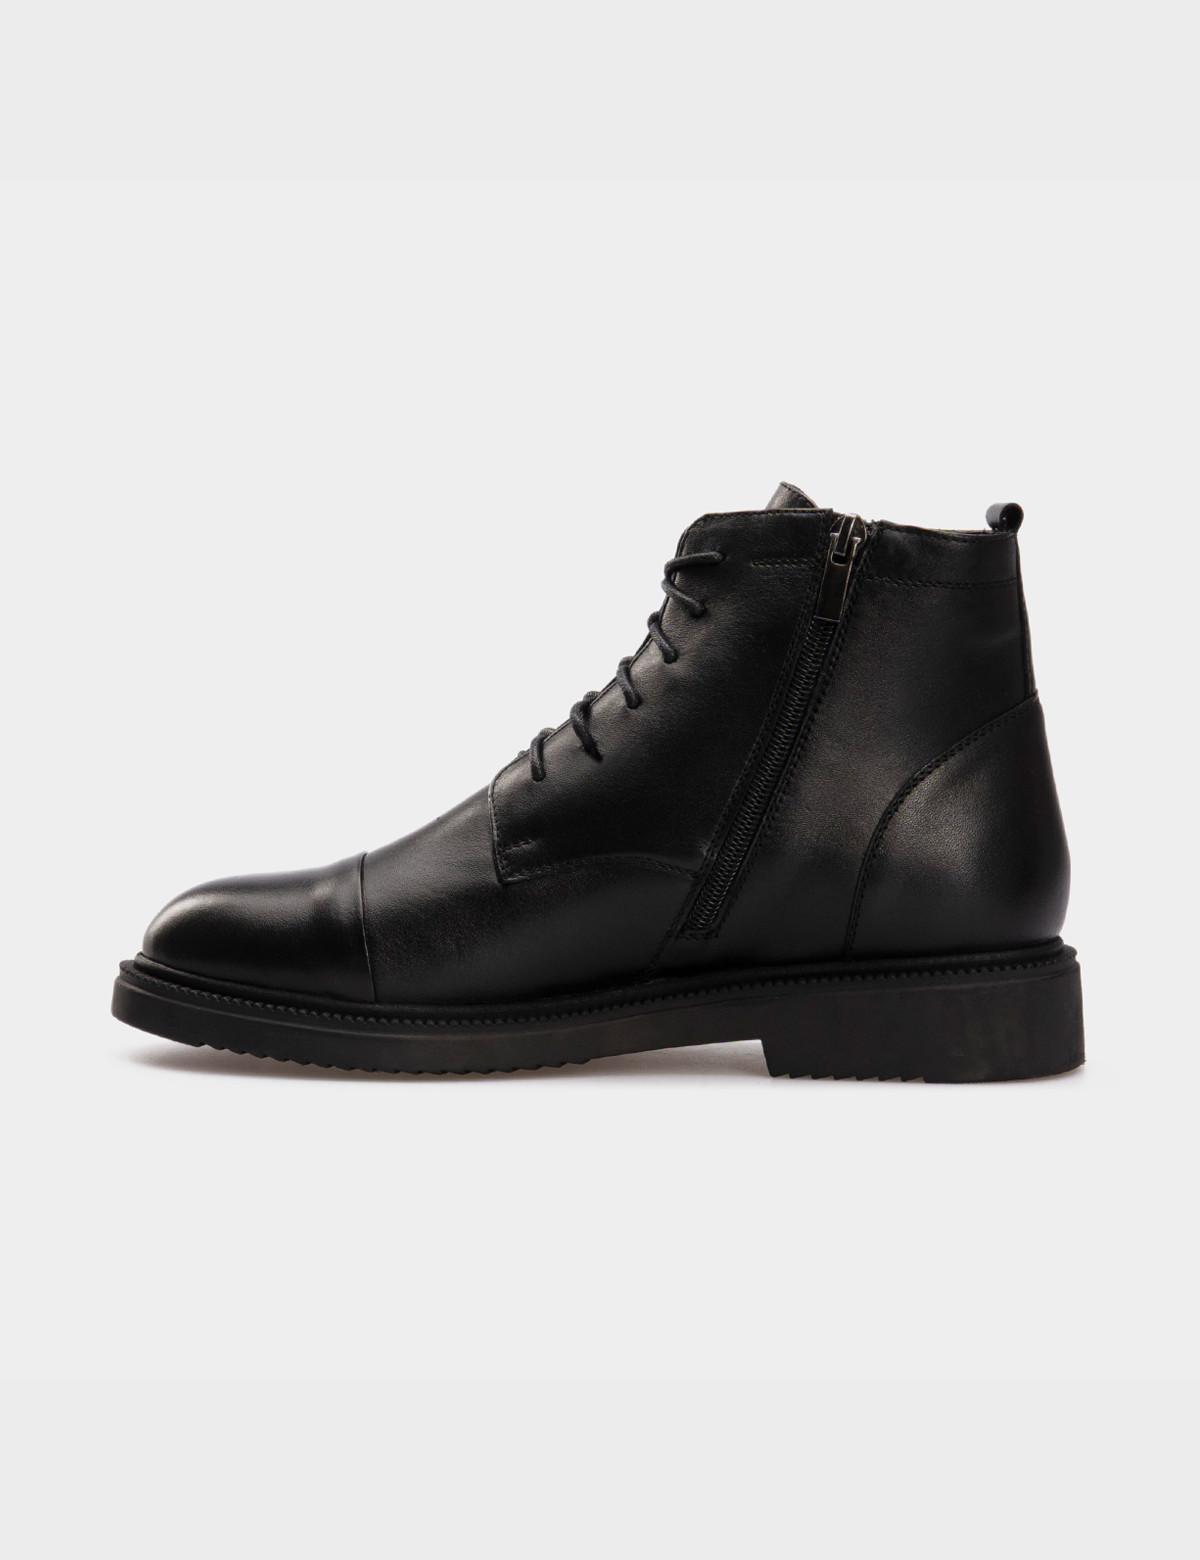 Ботинки черные, натуральная кожа. Шерсть 2